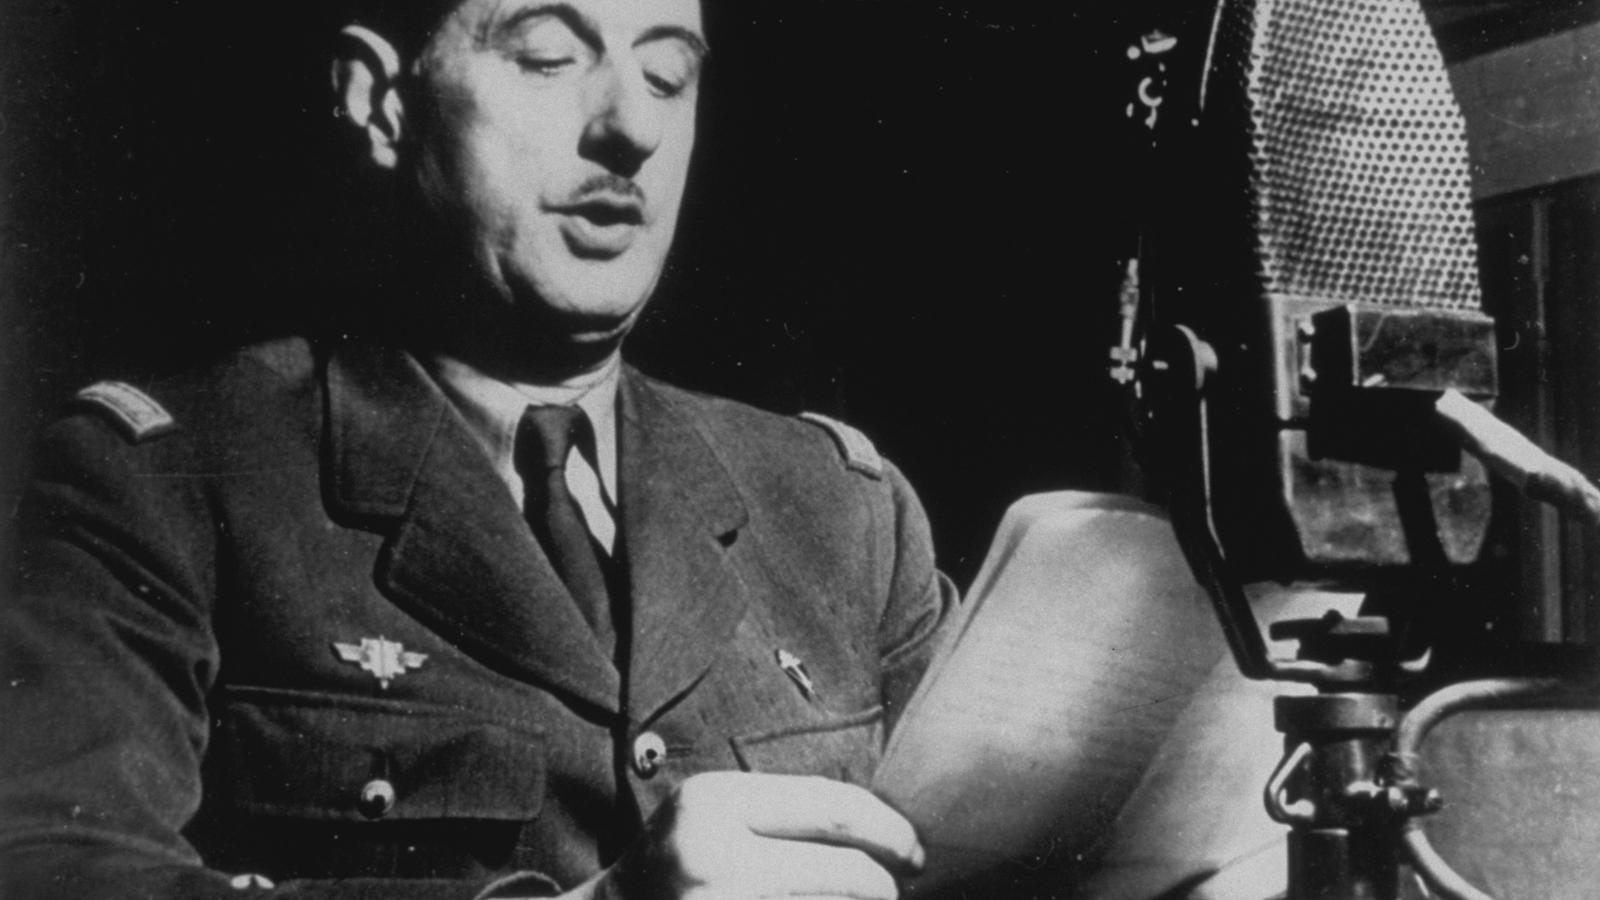 Informes dels contraespies francesos a la Barcelona dels anys 40